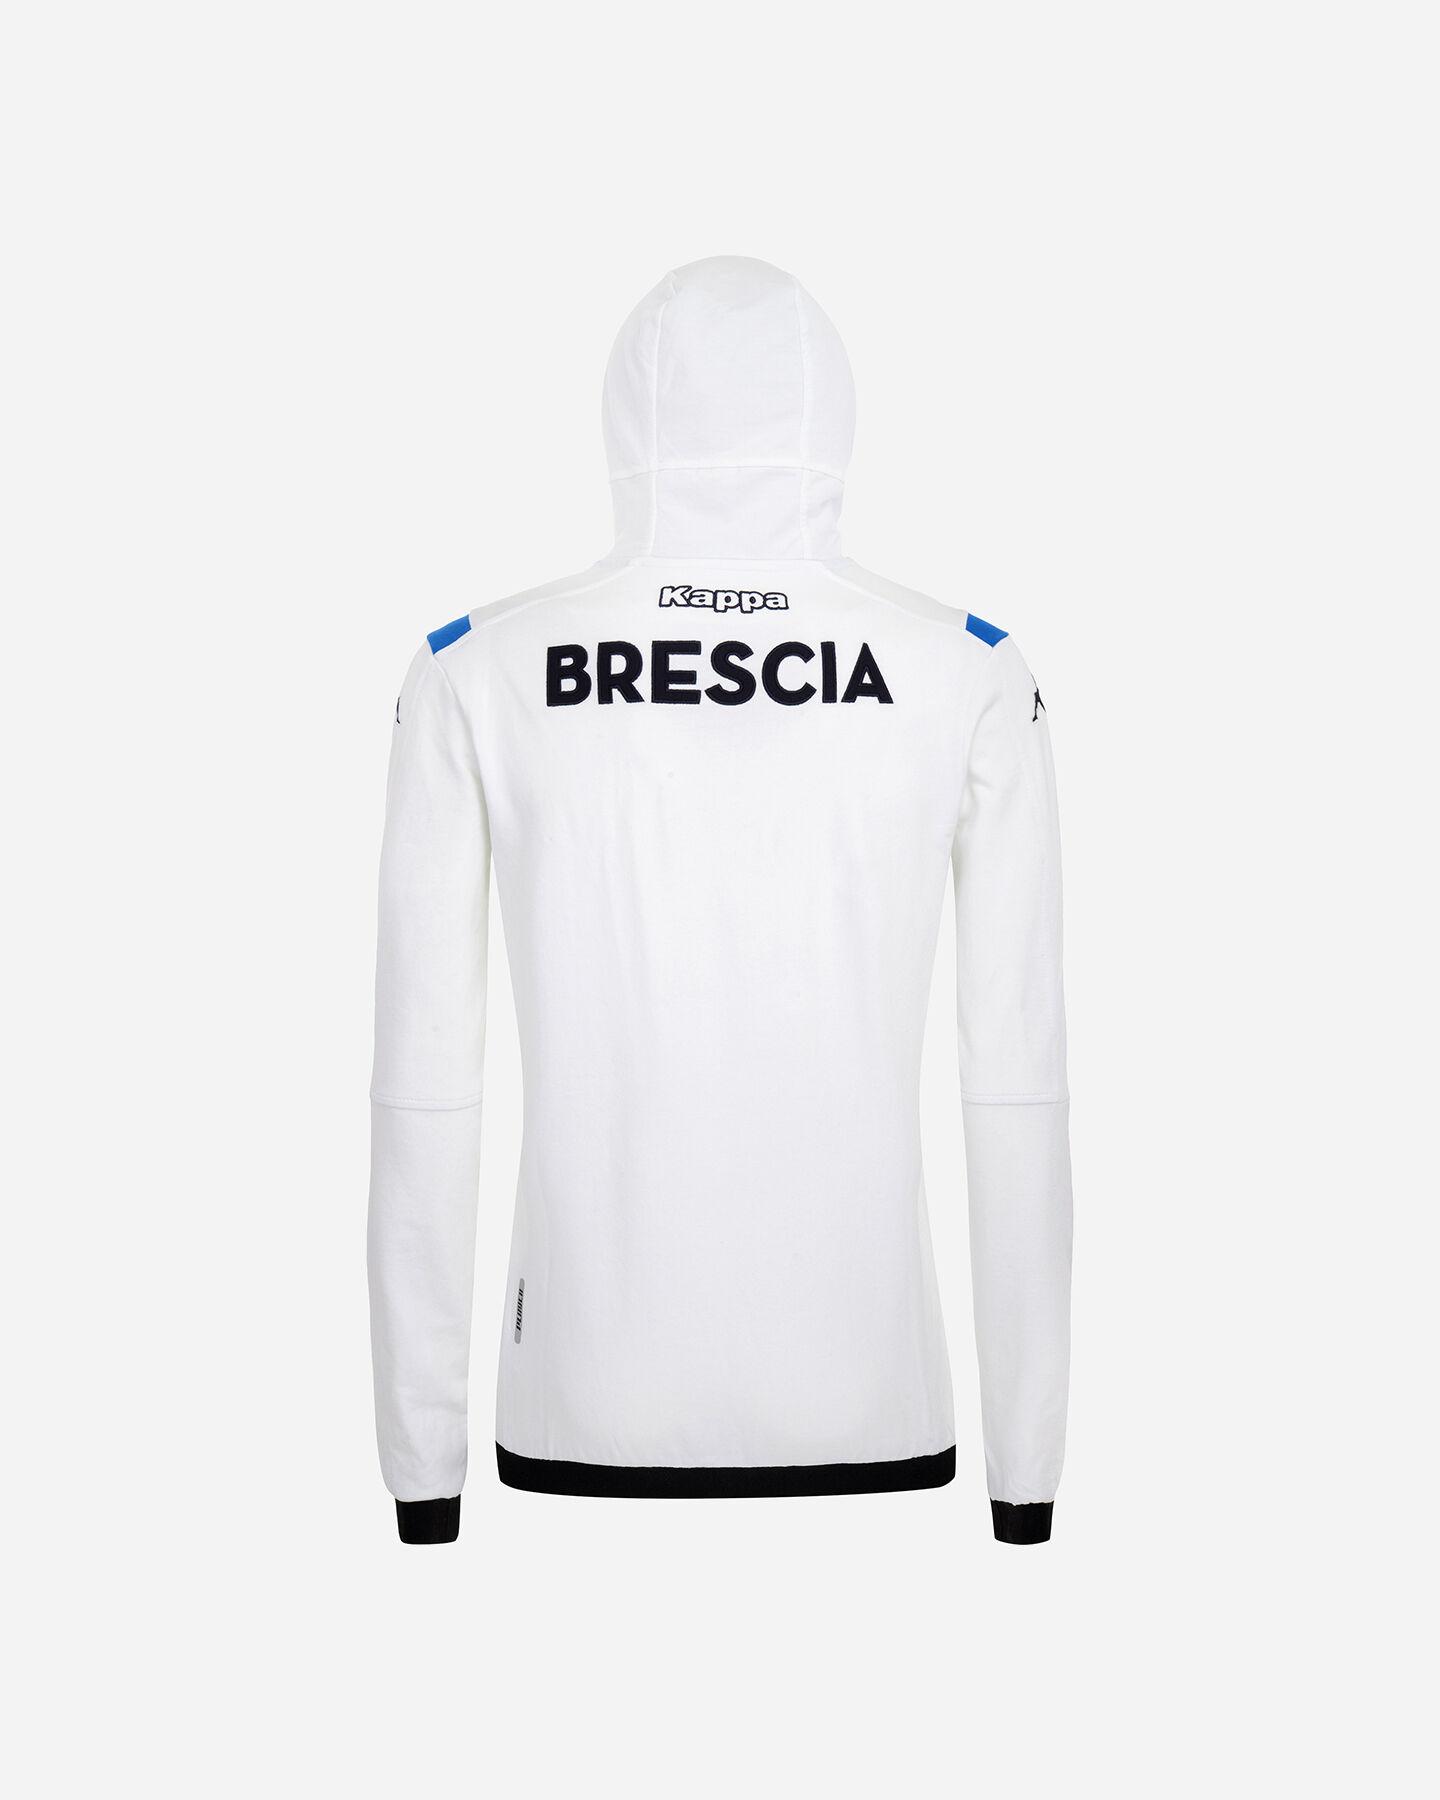 Abbigliamento calcio KAPPA BRESCIA 19-20 M S4070760 scatto 1